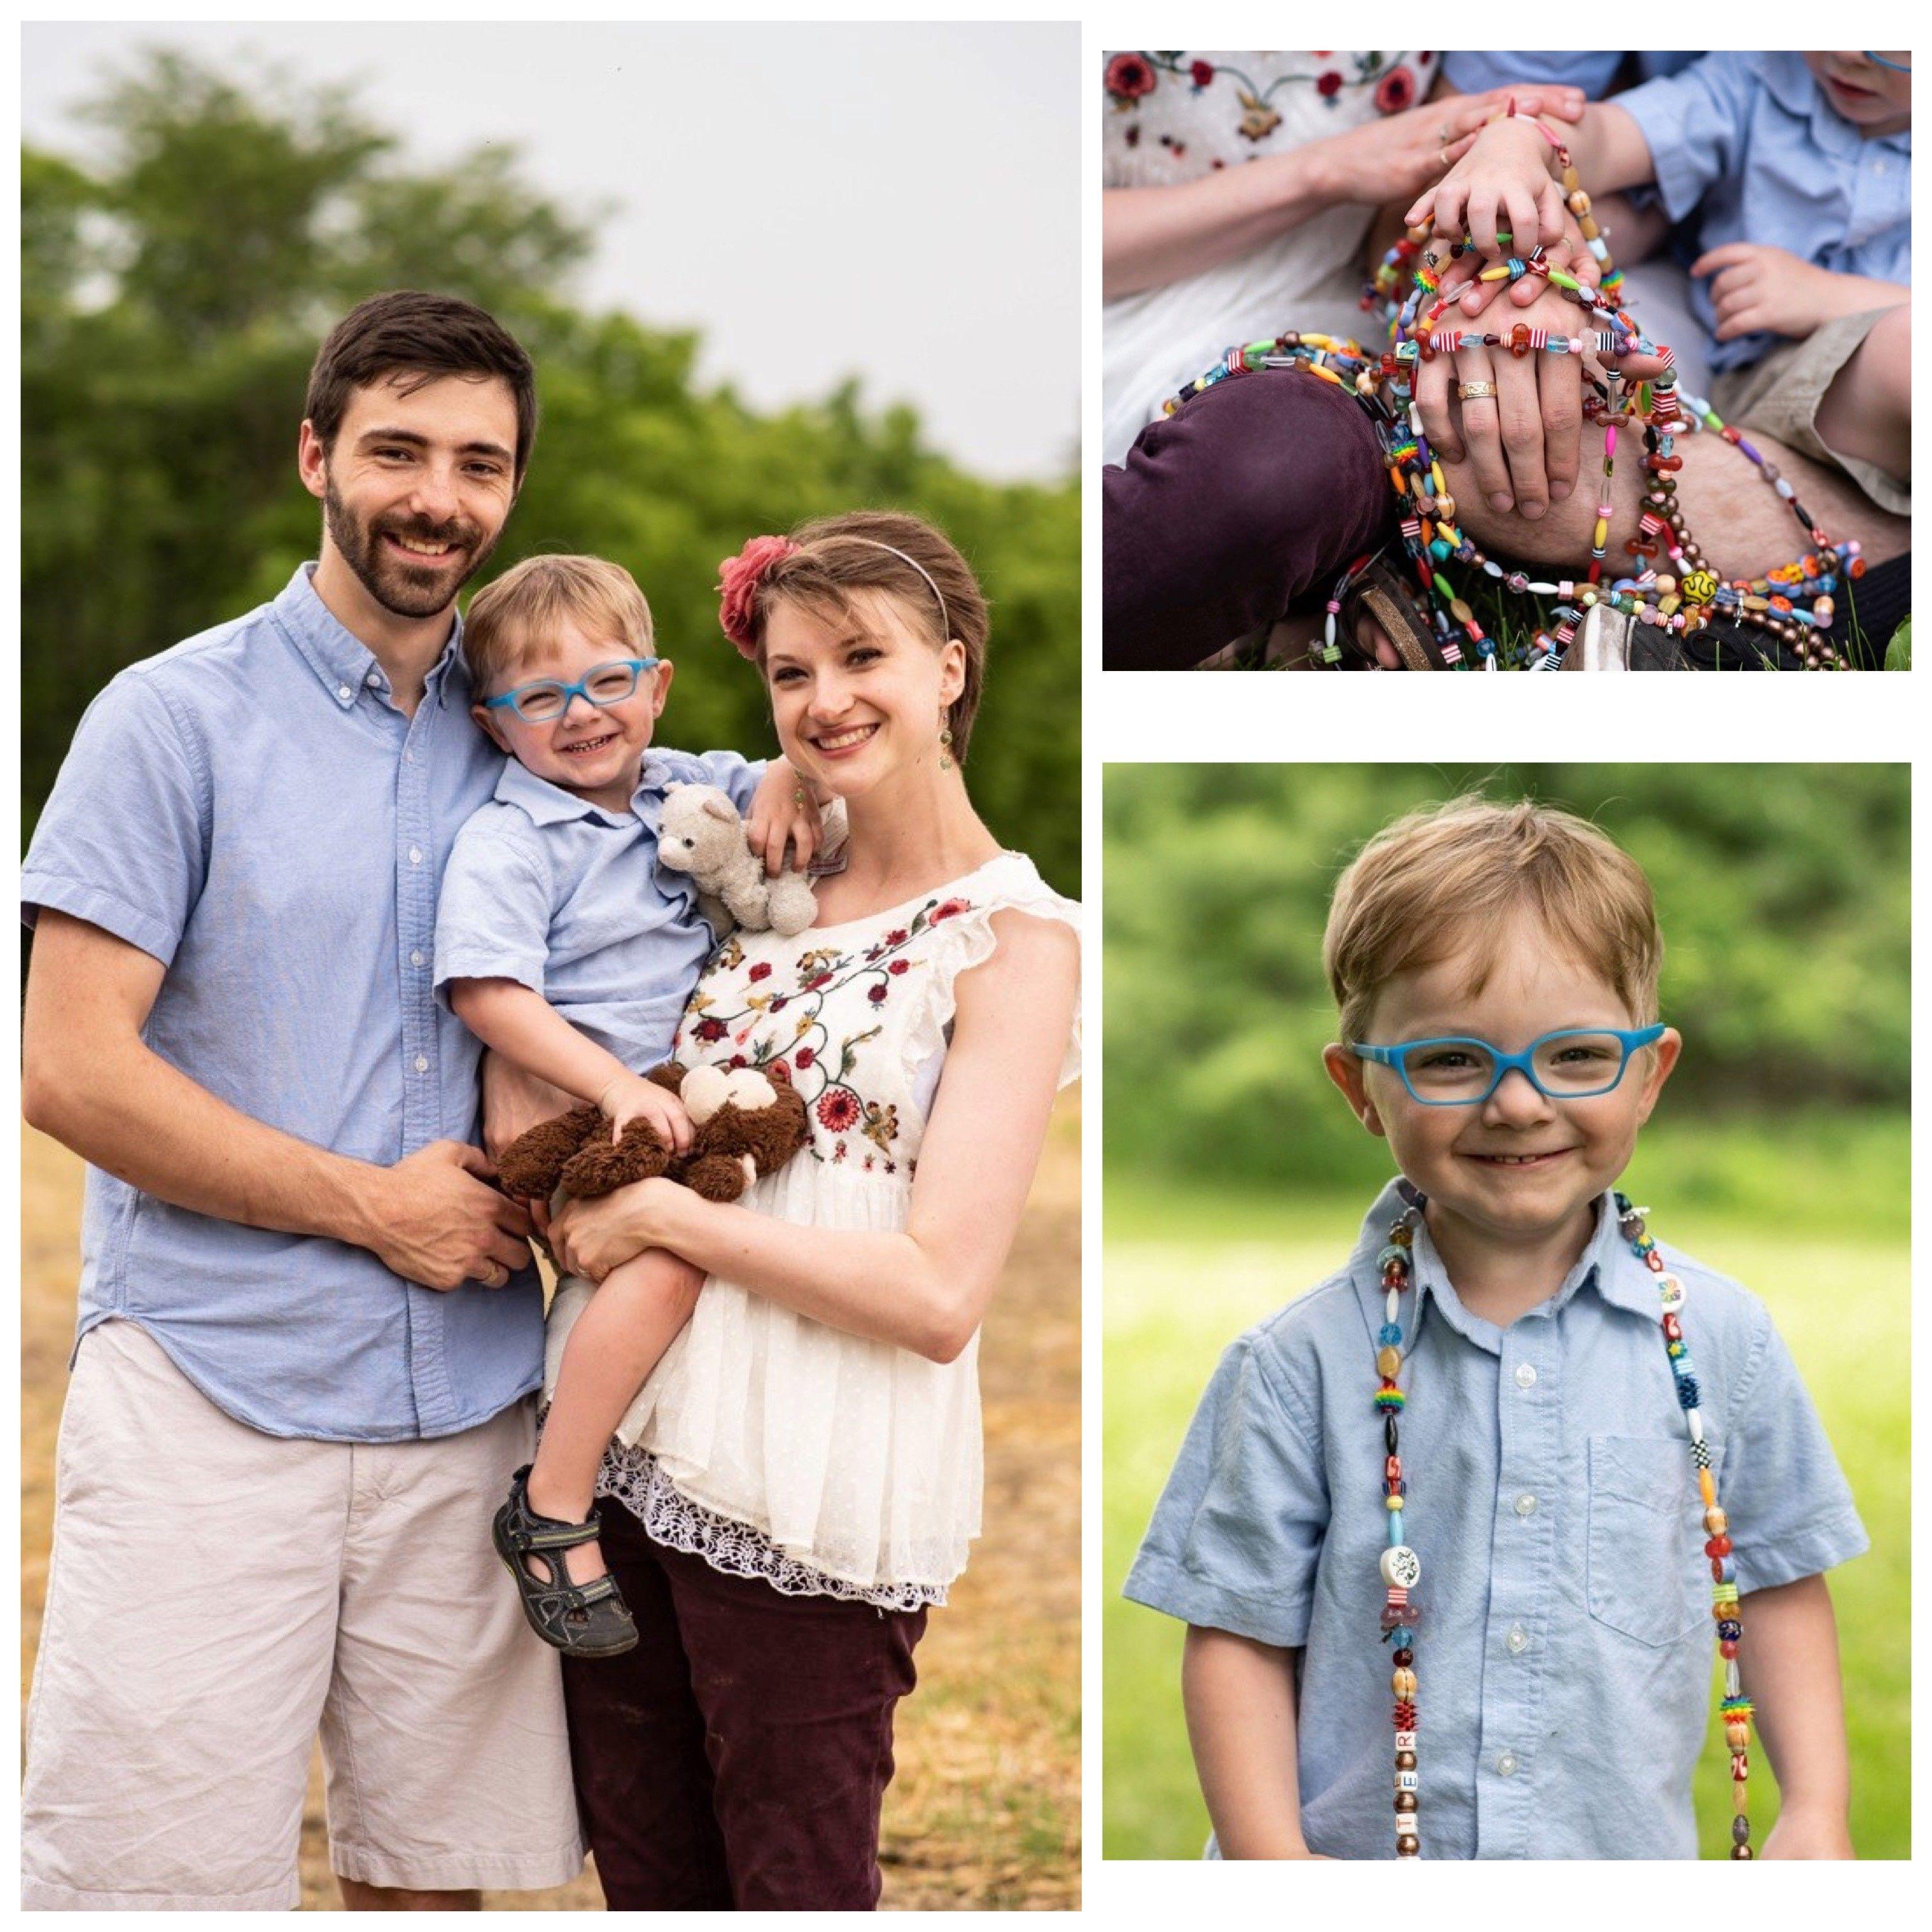 Schmidt Family Journey